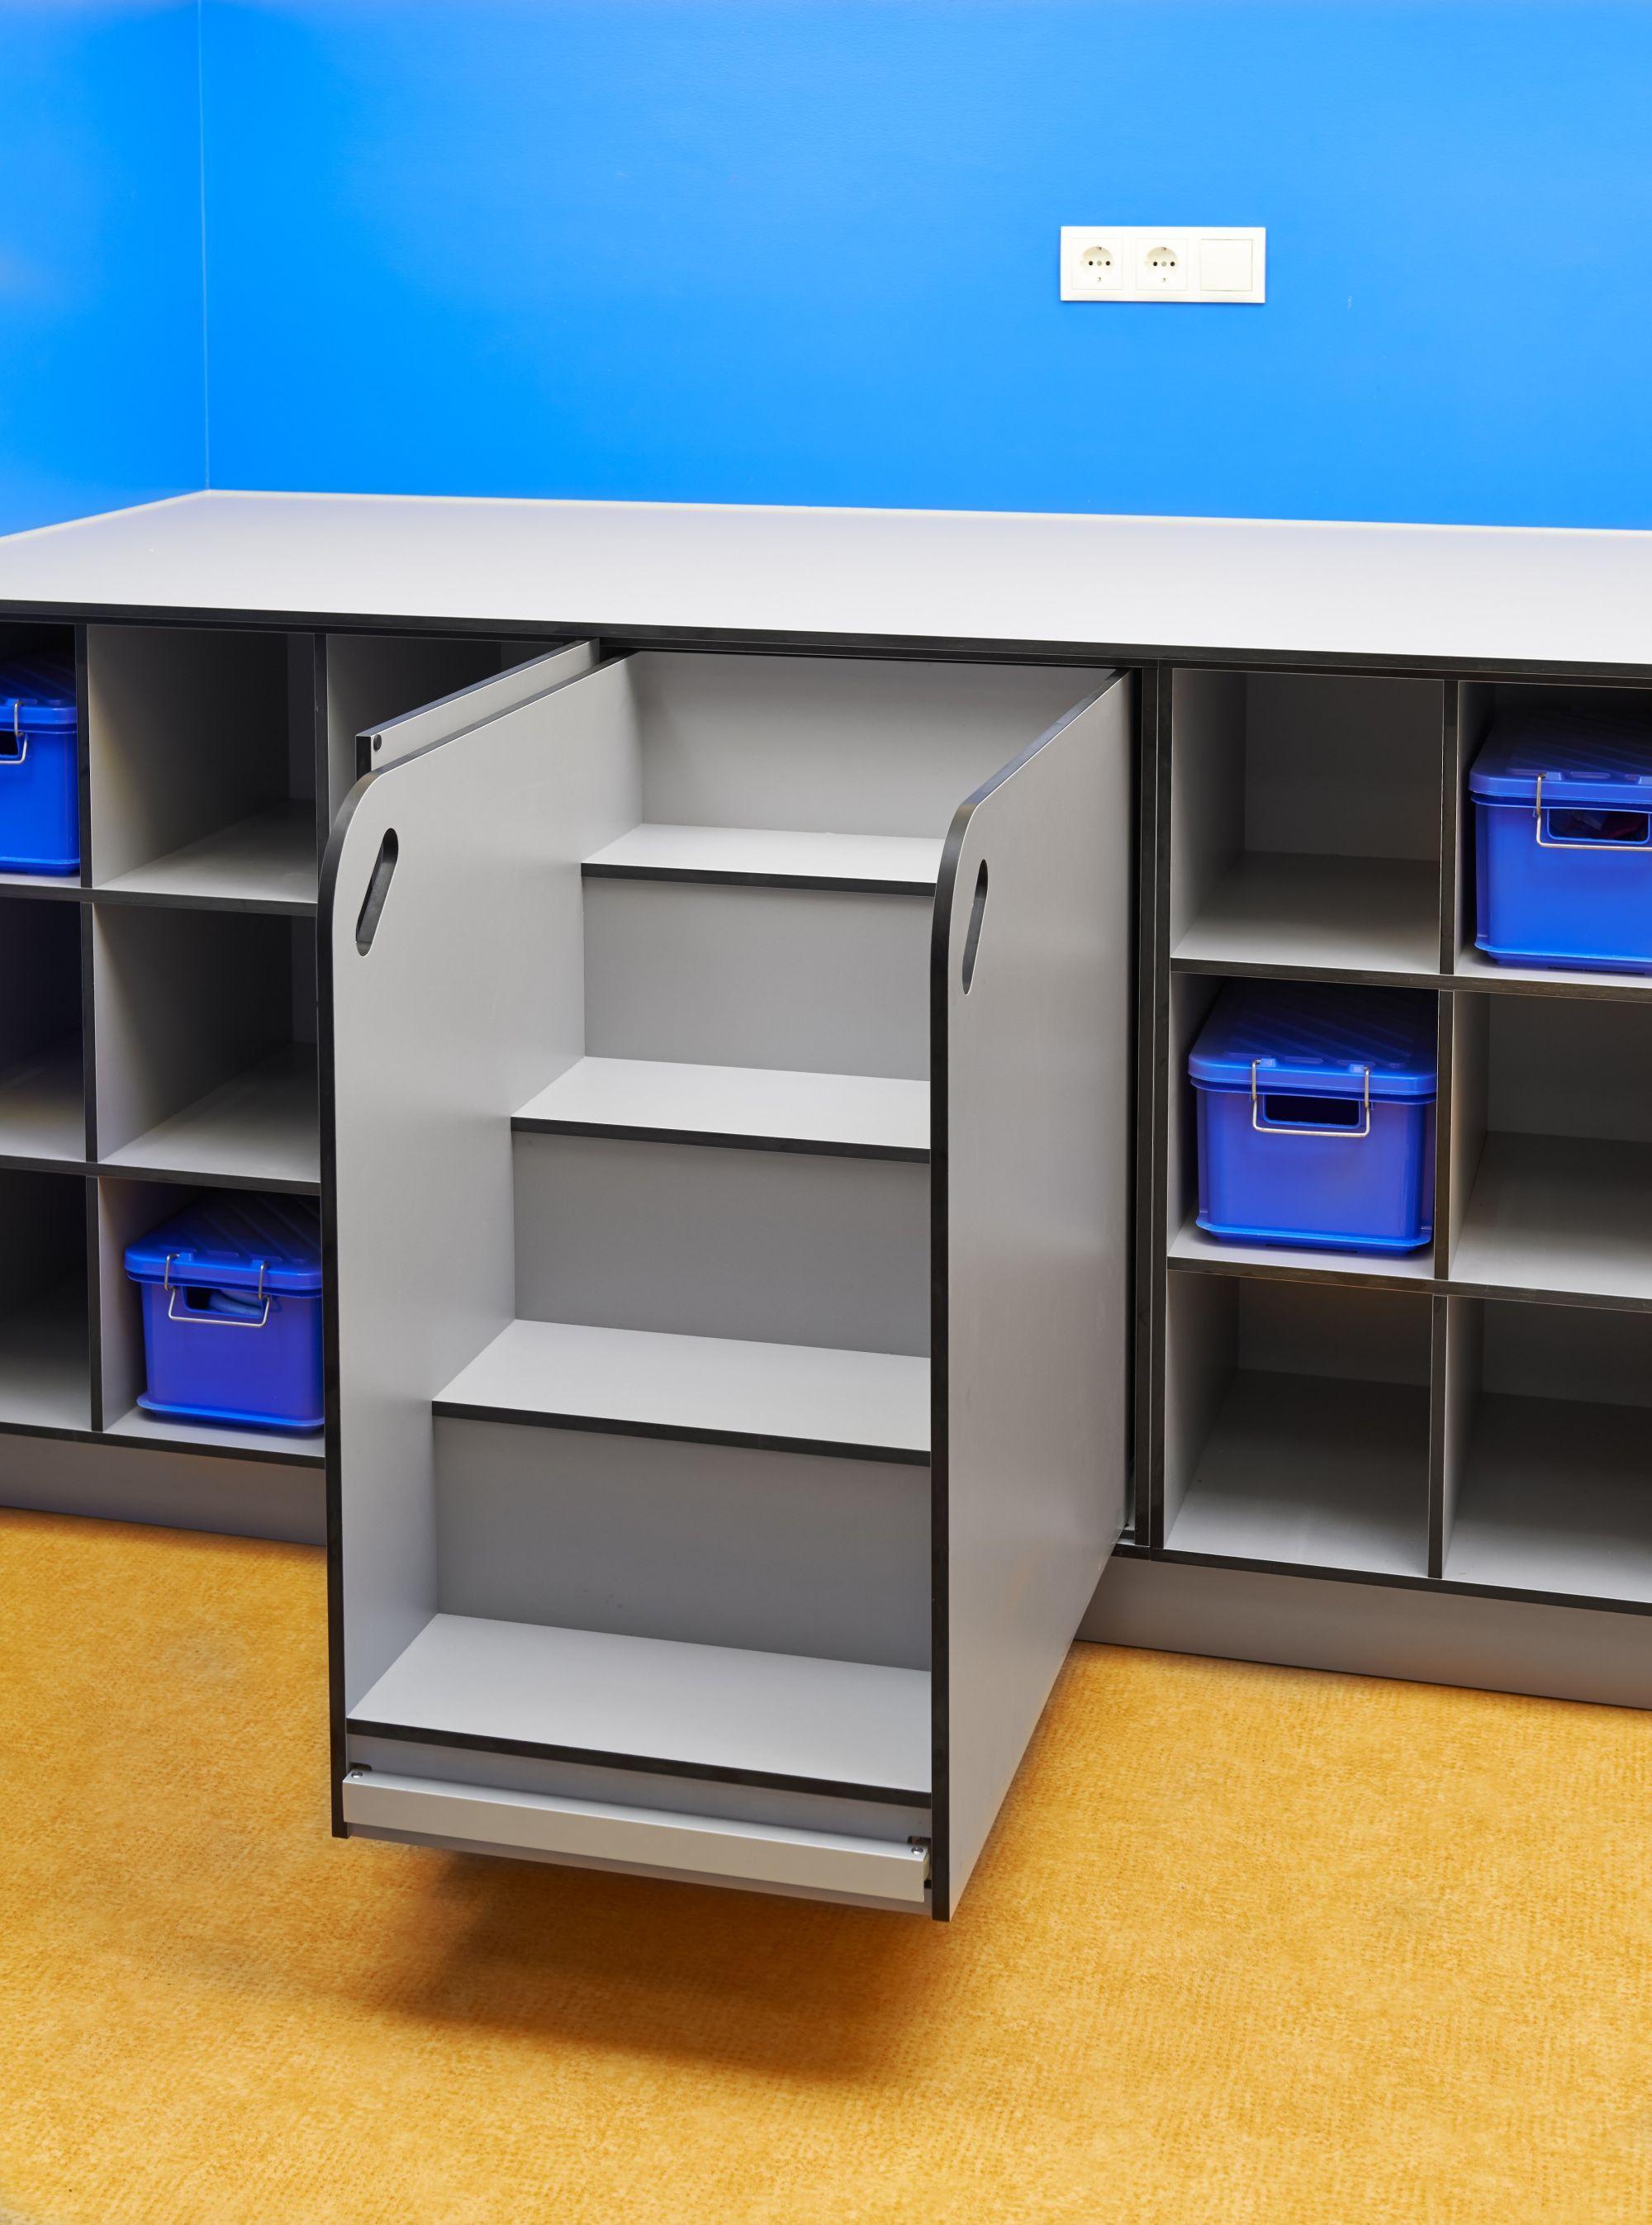 wc trennwand kindergarten svf30 kiga sch fer trennwandsysteme. Black Bedroom Furniture Sets. Home Design Ideas